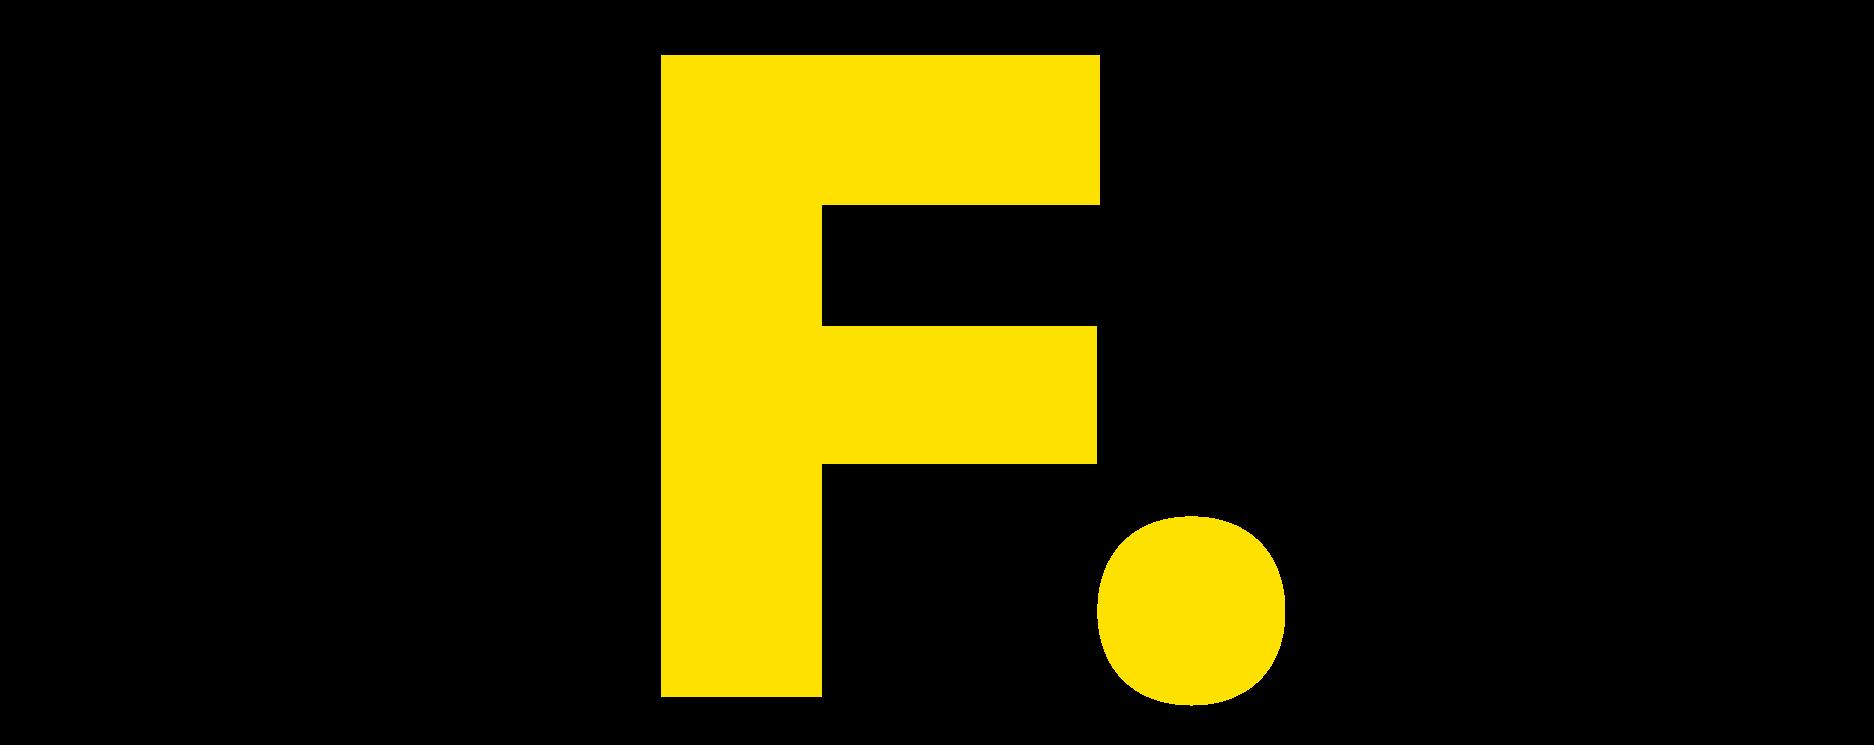 Filmproduktion Bern - BOFF.  - Buchstabe F. Gelb